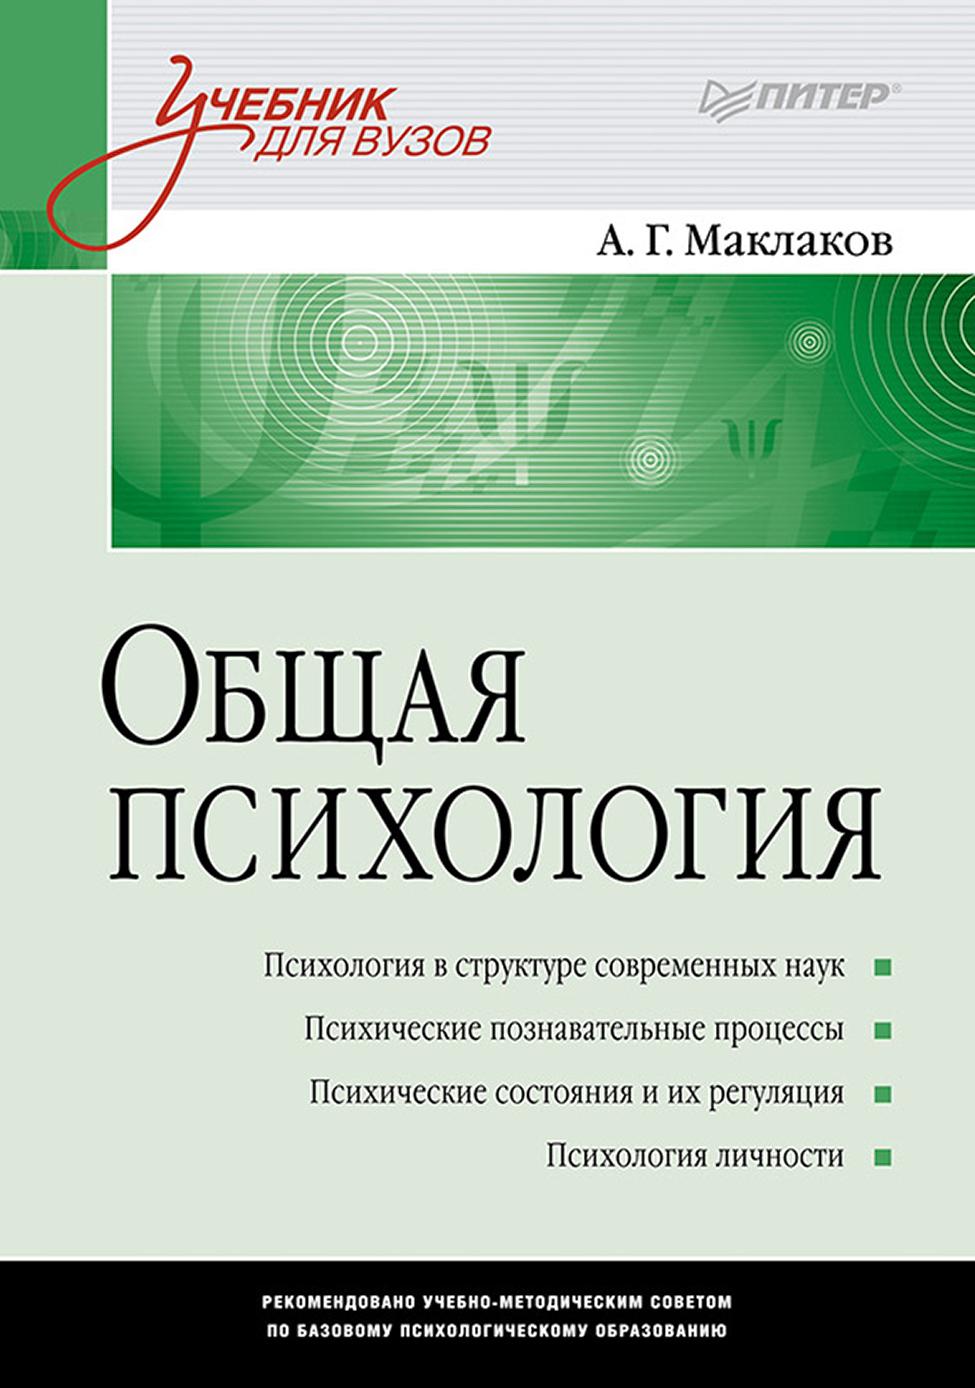 Анатолий Геннадьевич Маклаков Общая психология. Учебник для вузов